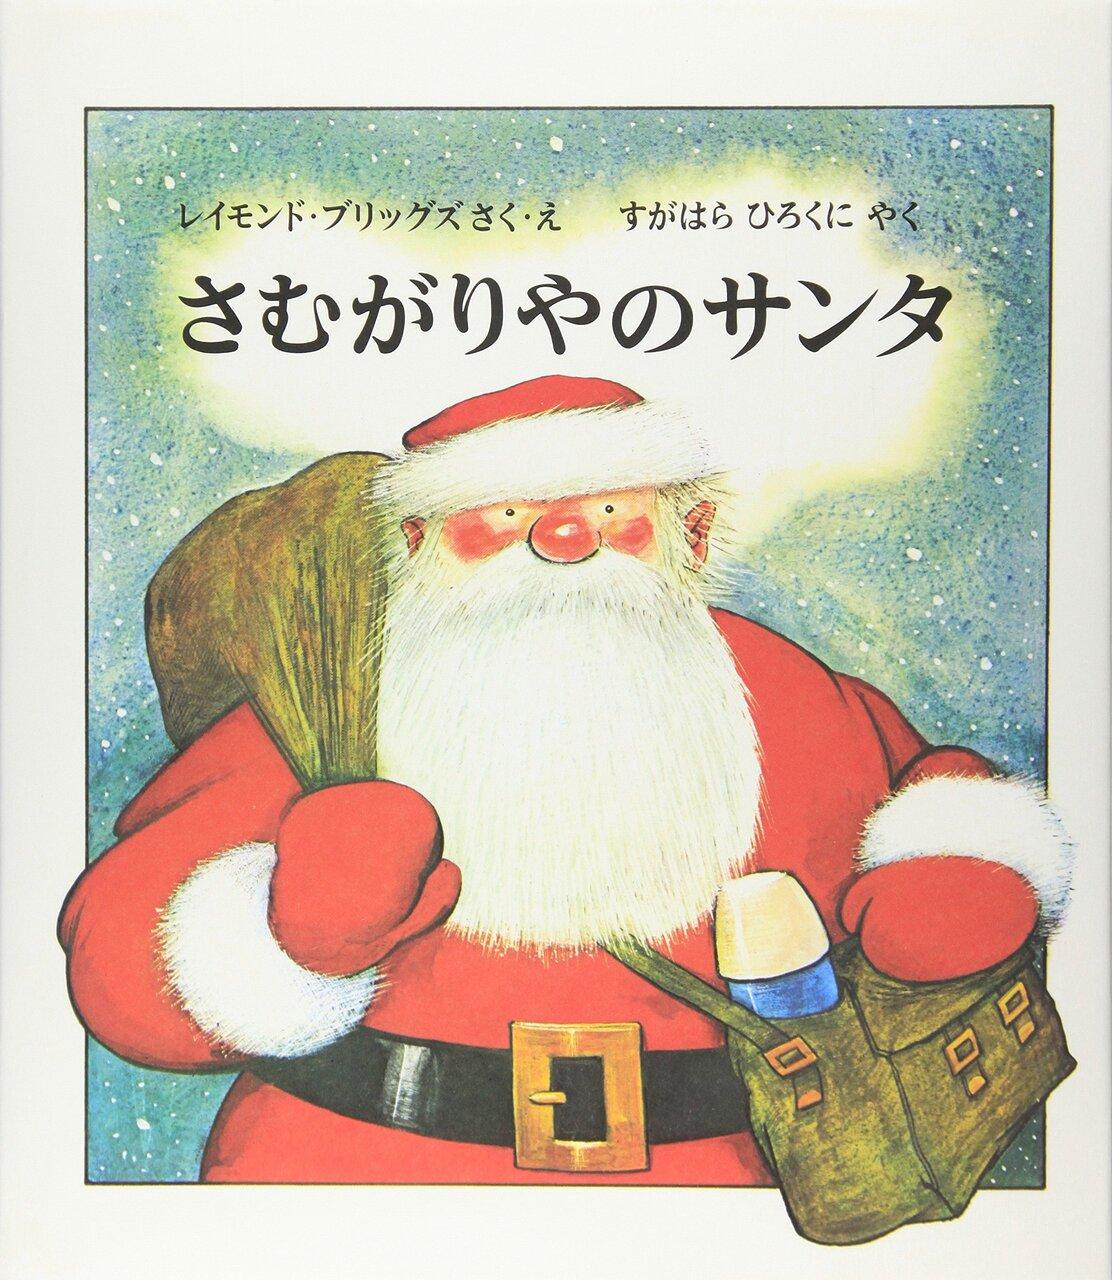 サンタの忙しいクリスマスの1日を、コミックのようなコマ割りで表現した『さむがりやのサンタ』(作・絵:レイモンド・ブリッグズ 訳:すがはら ひろくに/福音館書店)